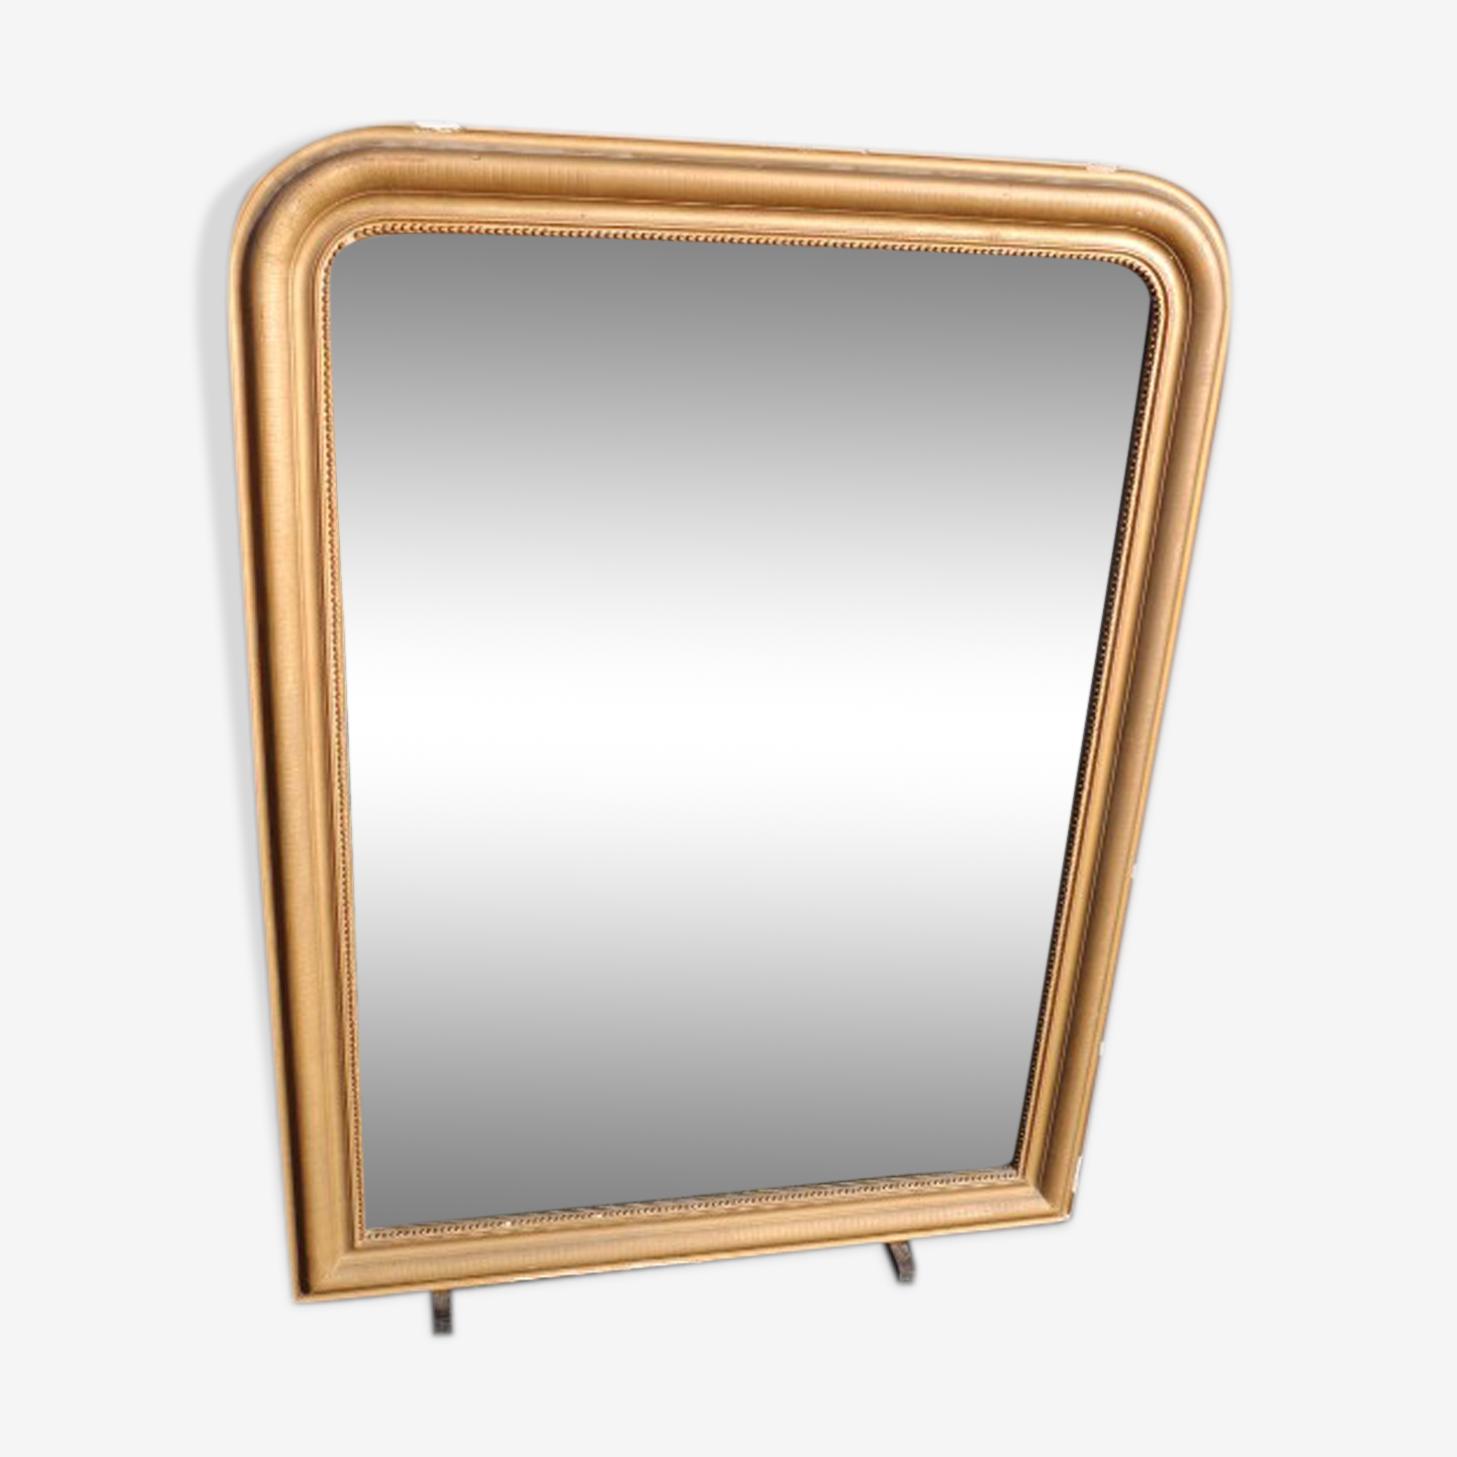 Miroir doré ancien 128x97cm